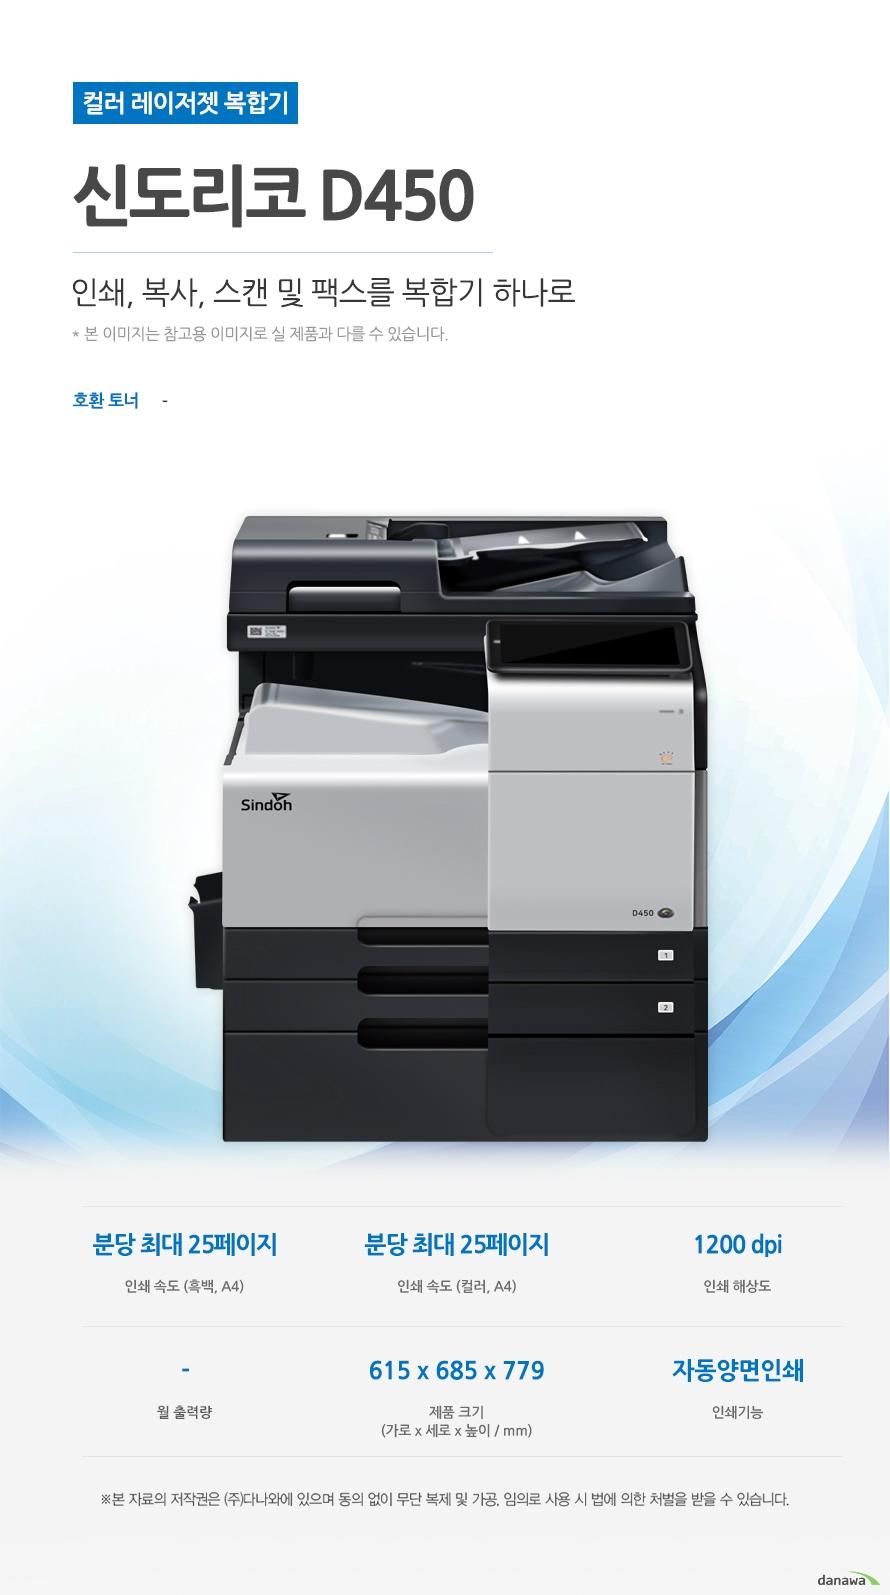 컬러 레이저젯 복합기 신도리코 D450 (팩스/테이블 포함) 인쇄, 복사, 스캔 및 팩스를 복합기 하나로 호환토너 - 인쇄속도 (흑백,A4) 분당 최대 25페이지 / 인쇄속도 (컬러,A4) 분당 최대 25페이지 / 인쇄해상도 1200 dpi / 월출력량 - / 제품 크기 (가로 x 세로 x 높이 / mm) 615 x 685 x 779 / 인쇄기능 자동양면 인쇄  최대 25ppm의 빠른 인쇄 속도 다양한 문서에 대한 빠른 인쇄로 가정, 학교, 사무실 등 어느 환경에서나 답답함 없이 문서를 출력하실 수 있습니다.  *ppm: pages per minute (1분에 출력하는 페이지 수) 흑백 출력 속도 25ppm / 컬러 출력속도 25ppm  효울적인 용지 급지 용지함을 한 번 채워 넣으면 용지를 자주 채워줄 필요 없이 오랫 동안 사용할 수 있어, 업무 중 불필요한 시간 낭비를 줄여줍니다. *최대 용지함 개수와 최대 급지용량은 기본 장착이 아닙니다. 제품 구매 전 옵션 사항을 확인하세요. 기본 용지함 2단 용지함 /  기본 급지 용량 1,150매   어느 공간에나 어울리는 컴팩트한 사이즈 컴팩트한 사이즈로 다양한 환경에서 부담없이 설치하고 효율적으로 배치시킬 수 있습니다 .(가로 x 세로 x 높이 / mm) 615 x 685 x 779  용지 소모를 줄일 수 있는 자동 양면 인쇄 일일이 종이를 뒤집지 않고도 종이 양면에 인쇄를 할 수 있습니다. 용지소모를 반으로 줄일 수 있어 경제적이며, 종이 낭비도 없앨 수 있는 효과까지 있습니다.   사무환경에 맞는 인쇄, 복사, 스캔 및 팩스기능 인쇄, 복사, 스캔 및 팩스 기능을 결합하여 불필요한 시간 절약은 물론, 더욱 효율적인 처리가 가능합니다. *팩스의 경우 기본장착이 아닙니다. 제품 구매 전 옵션 사항을 확인 하세요.